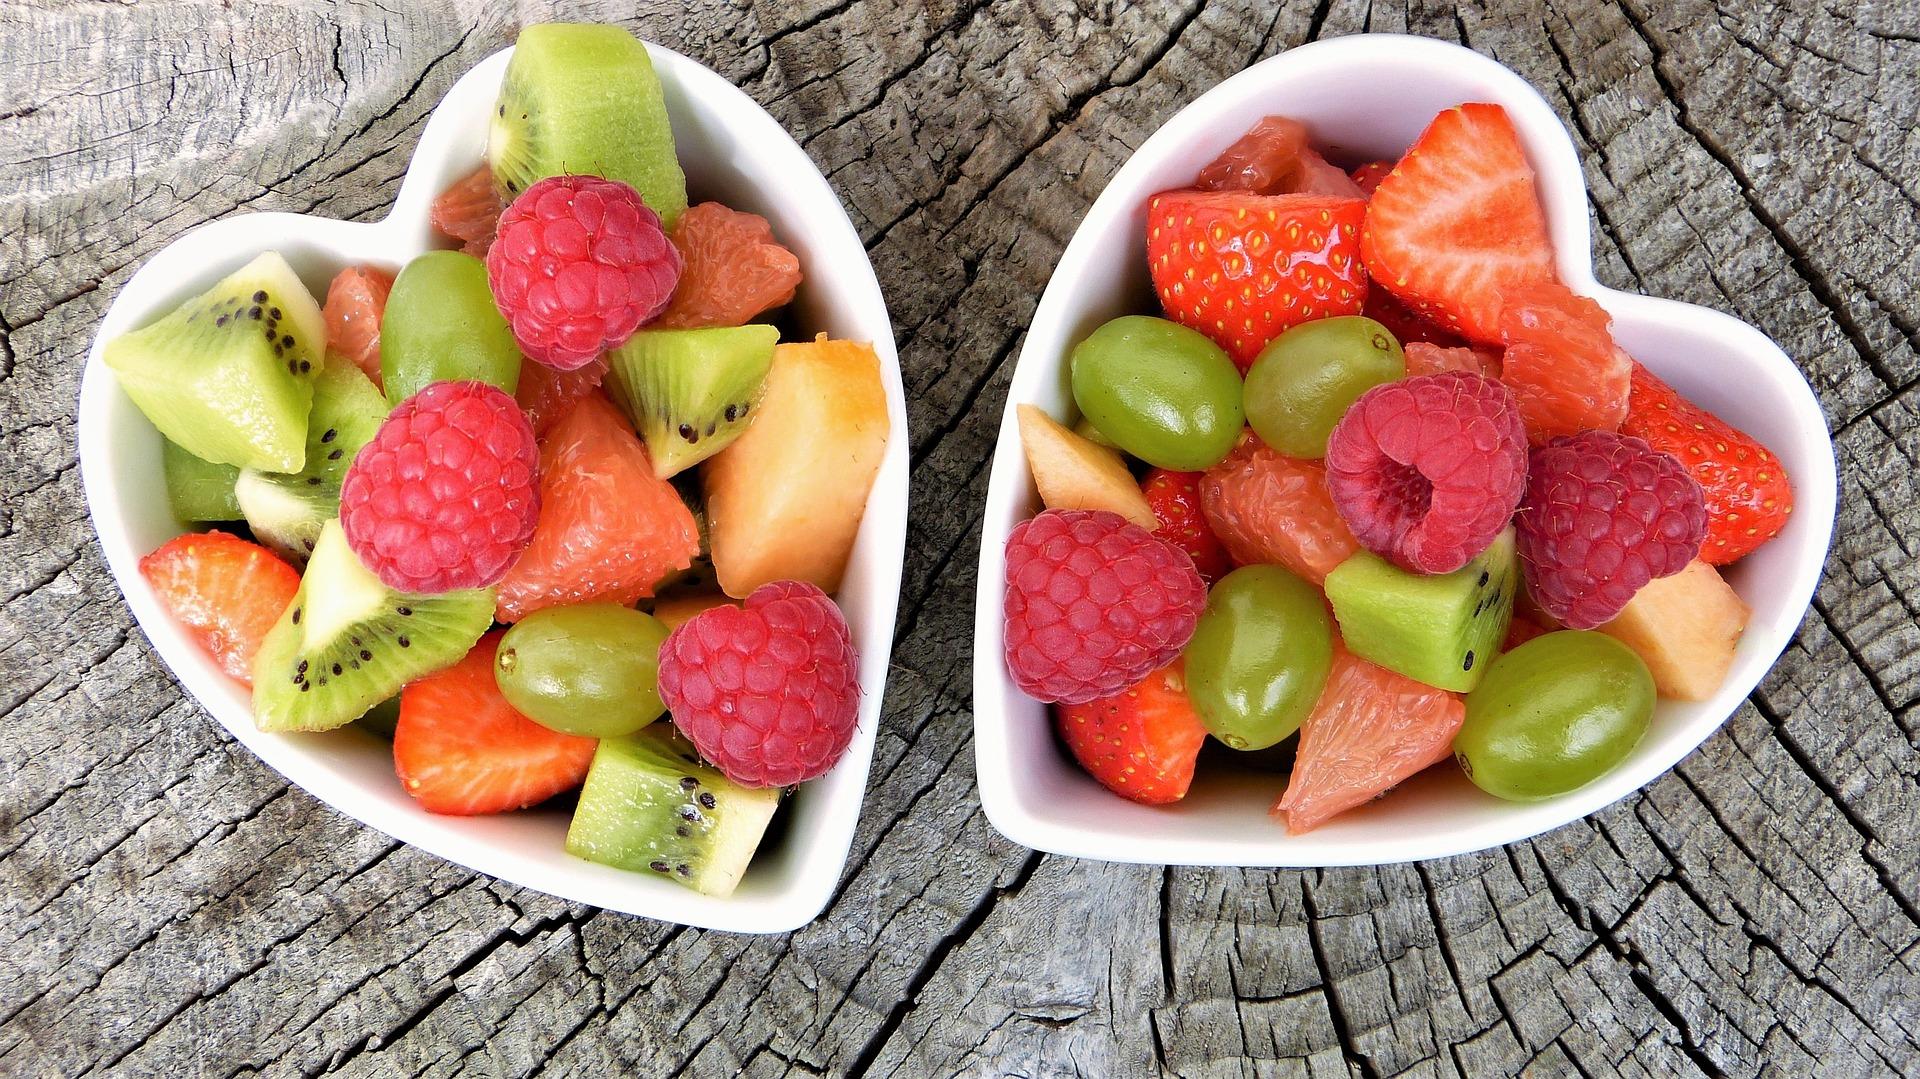 أهمية تناول الفواكه لجسم الإنسان